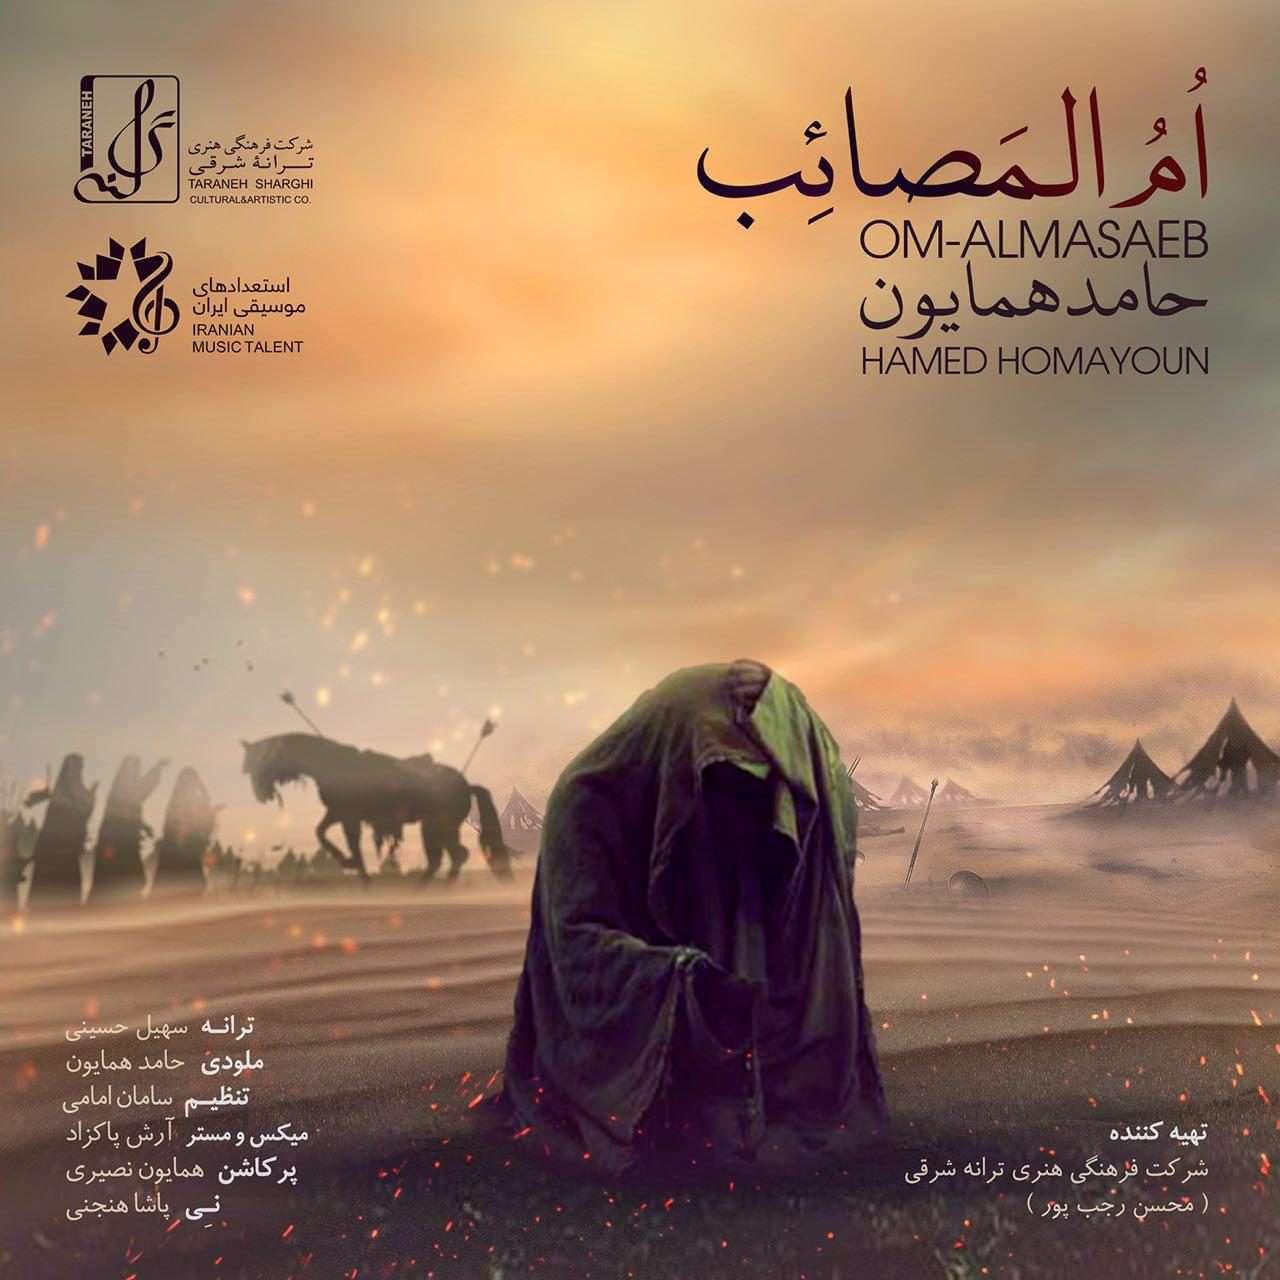 صوت/ قطعه جدید «حامد همایون» به نام «ام المصائب»